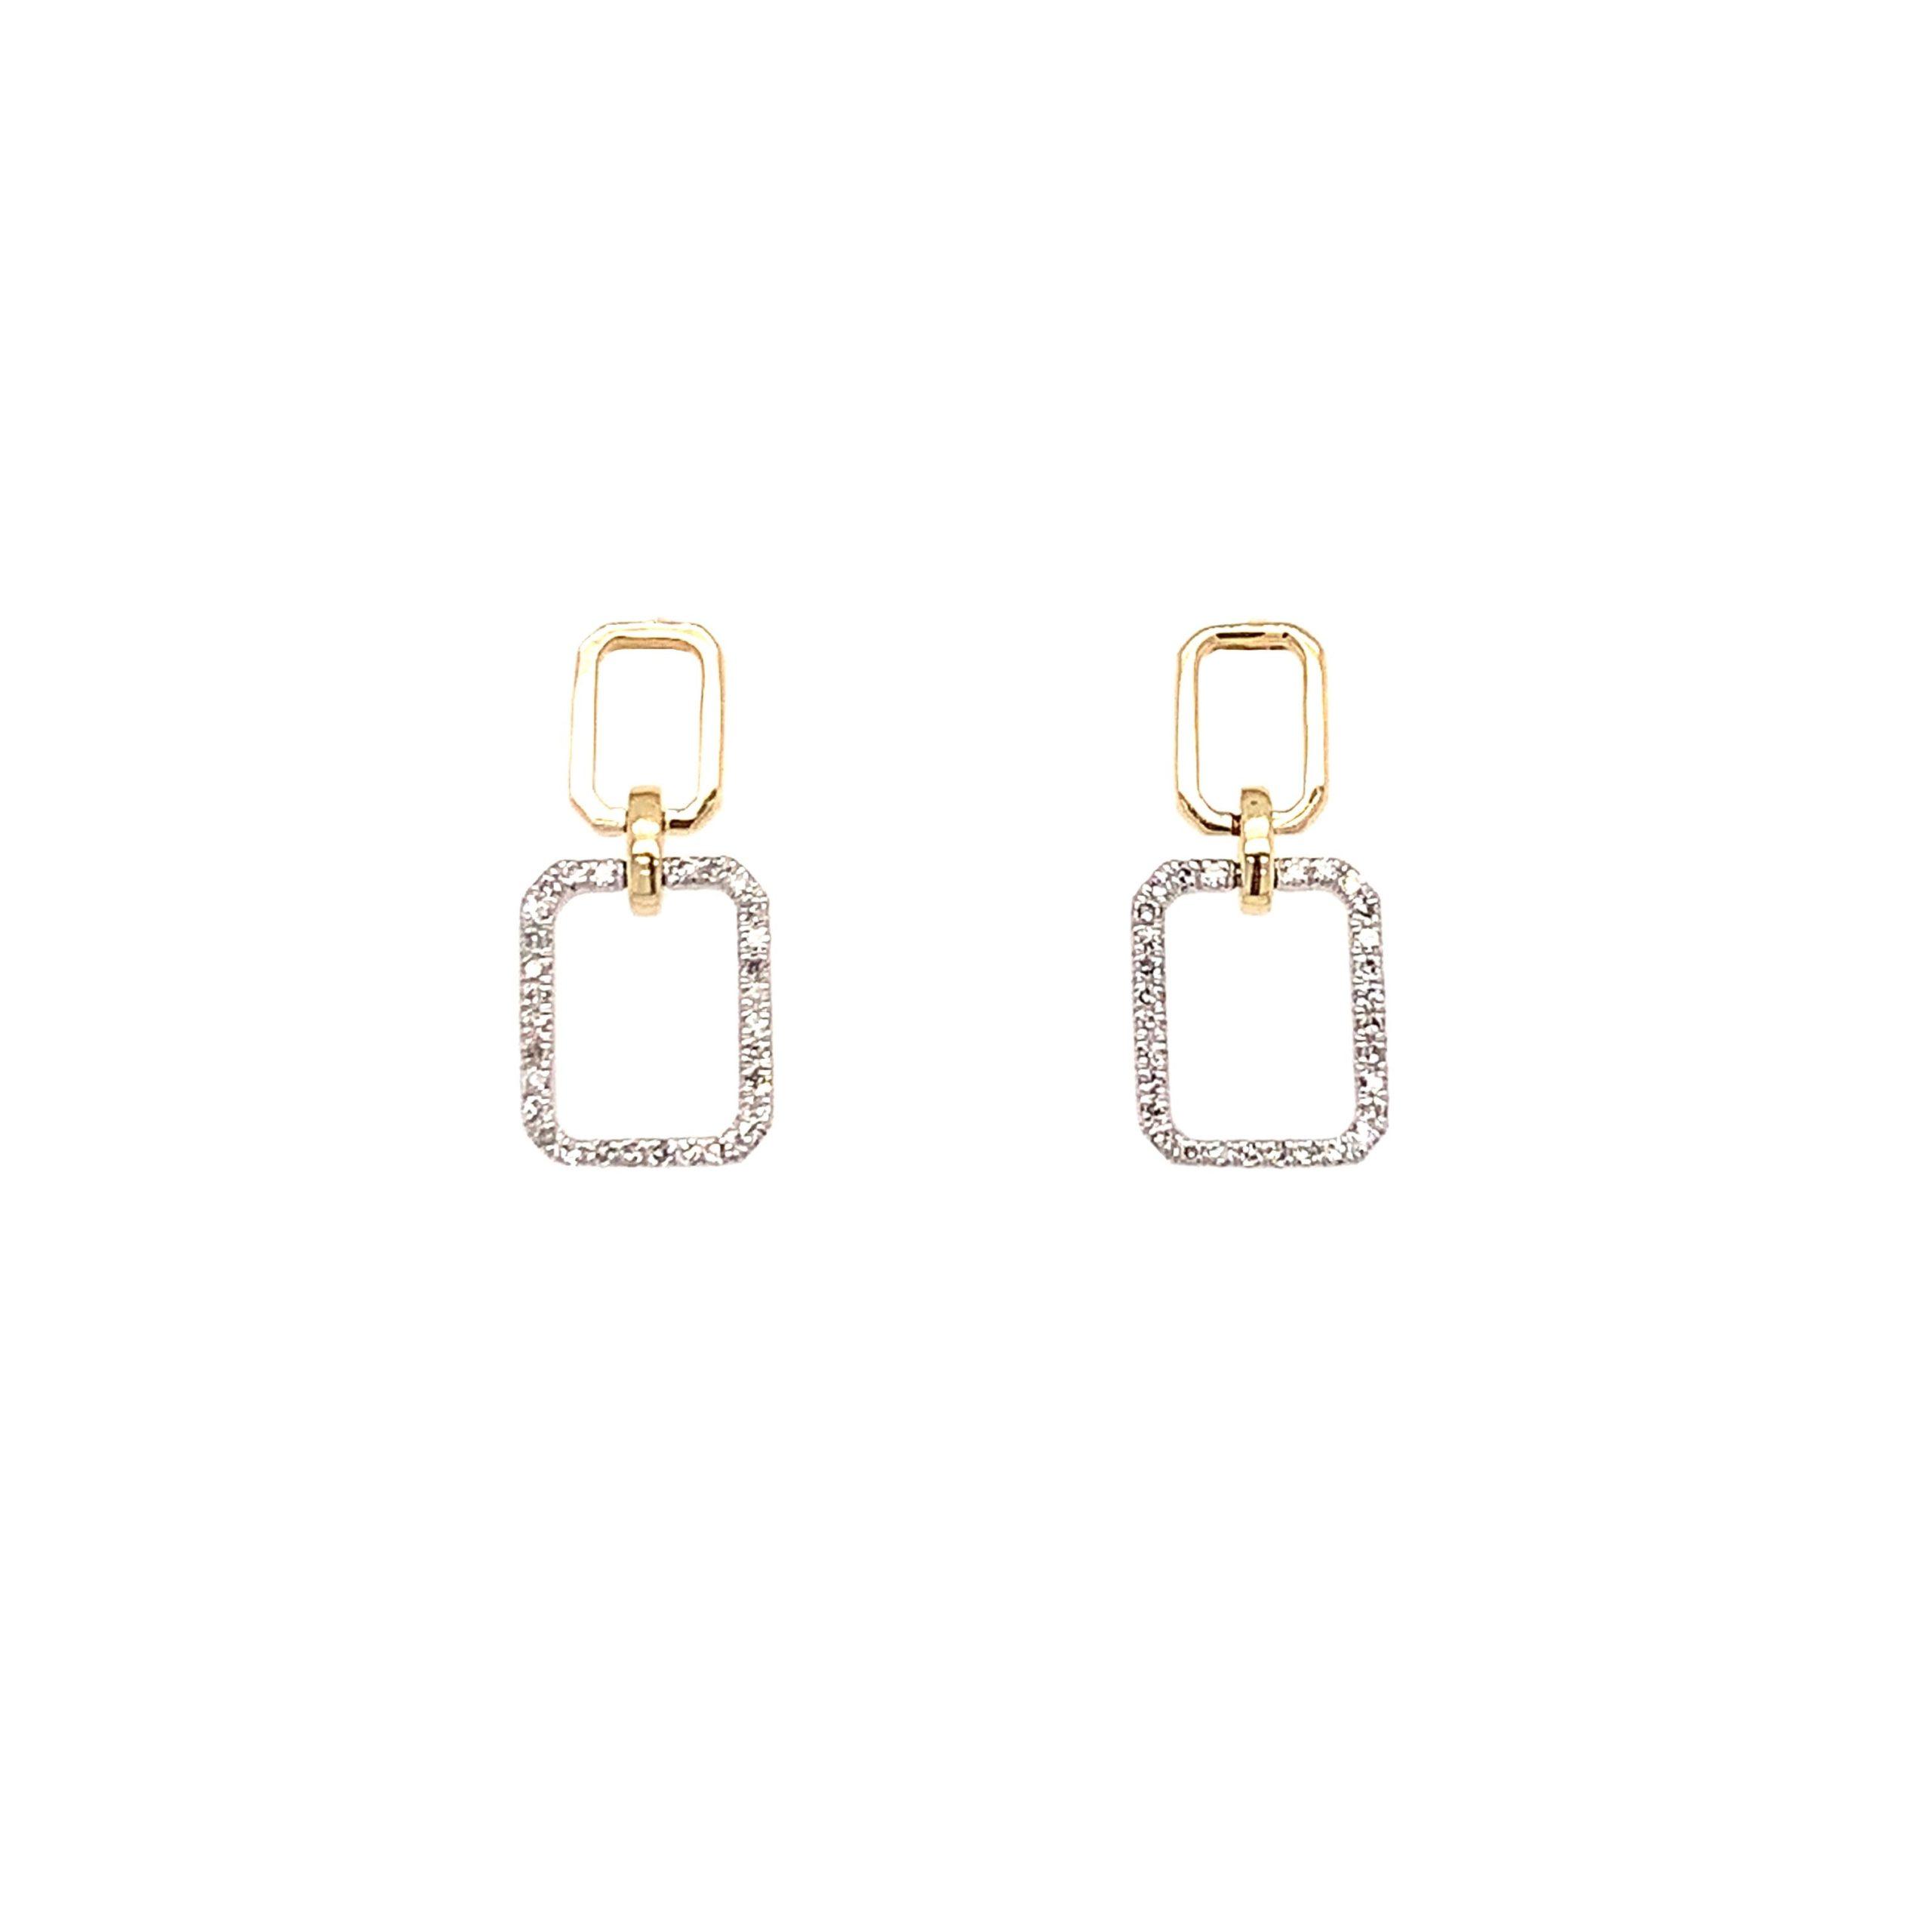 Two-Tone Diamond Paperclip Earrings